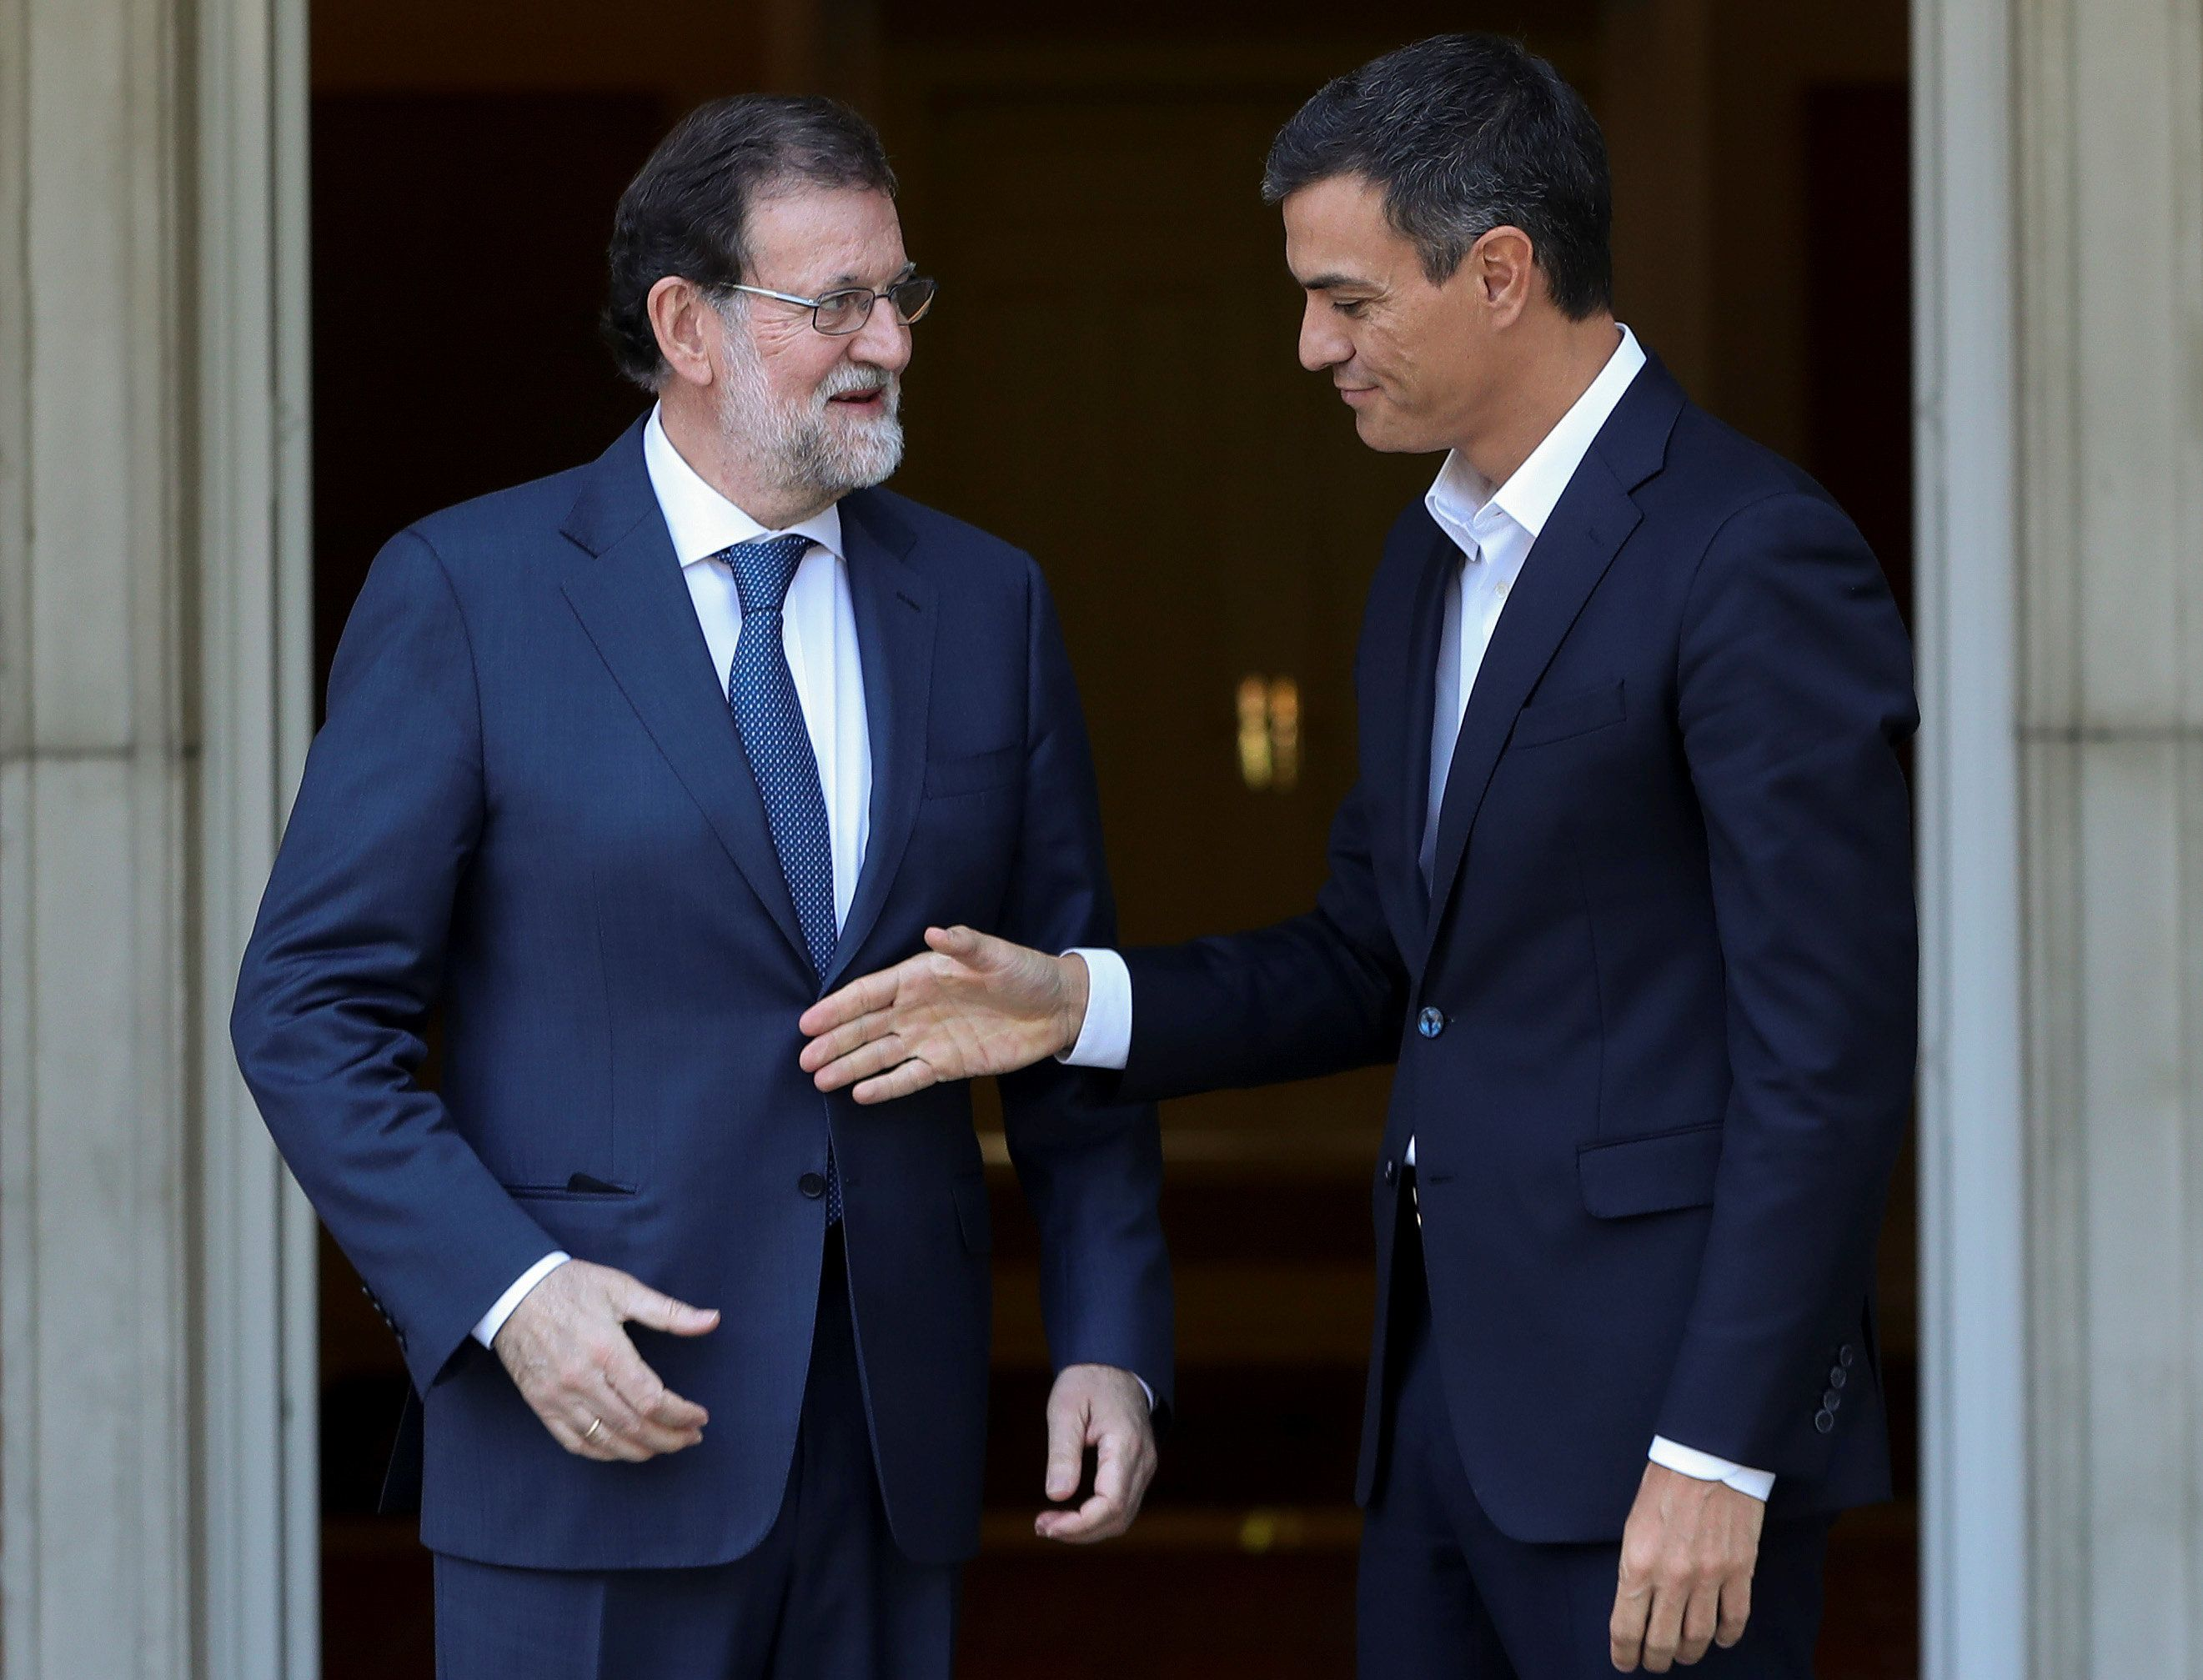 Espagne: Mariano Rajoy censuré, Pedro Sanchez nouveau Président du